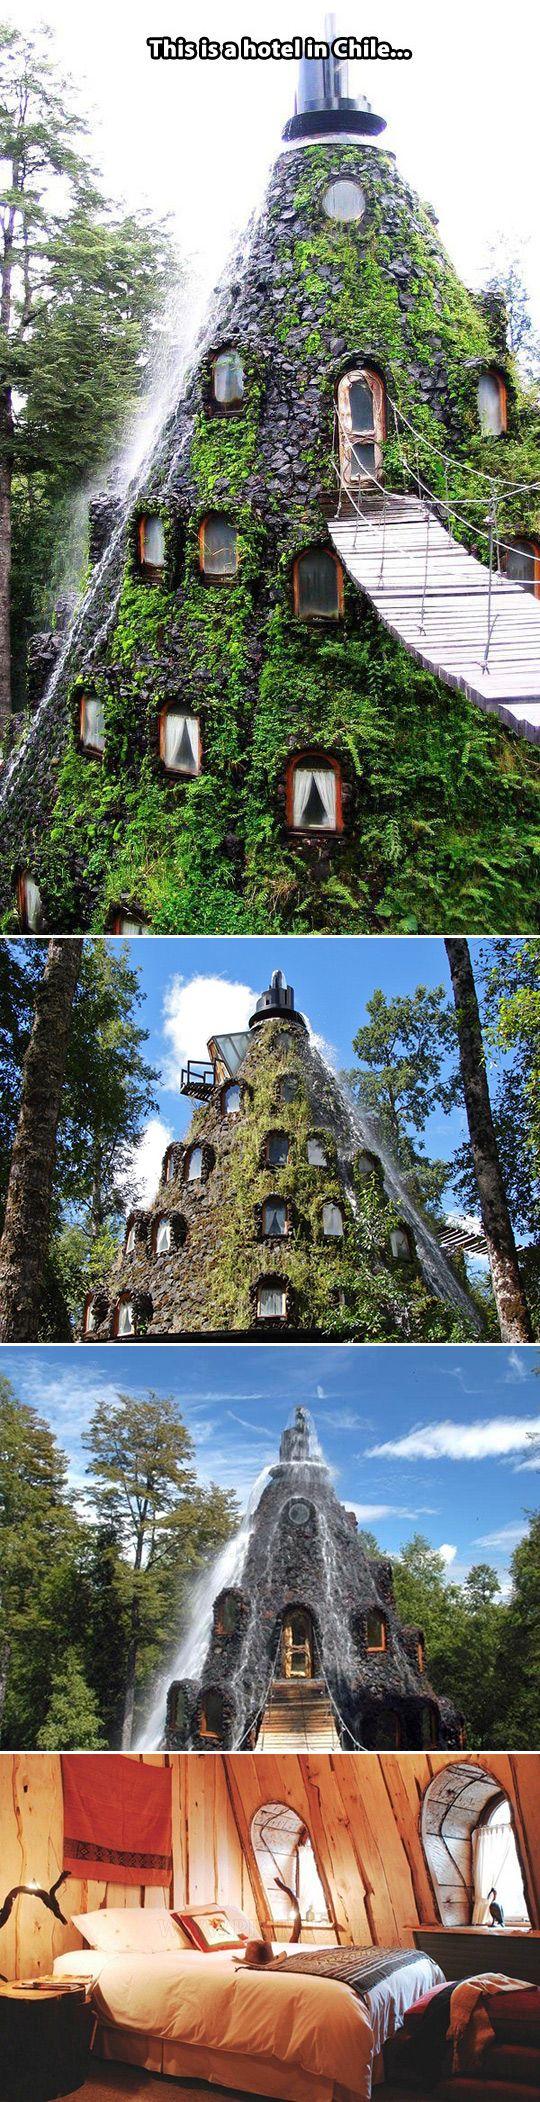 Montaña Mágica Lodge in Chile.